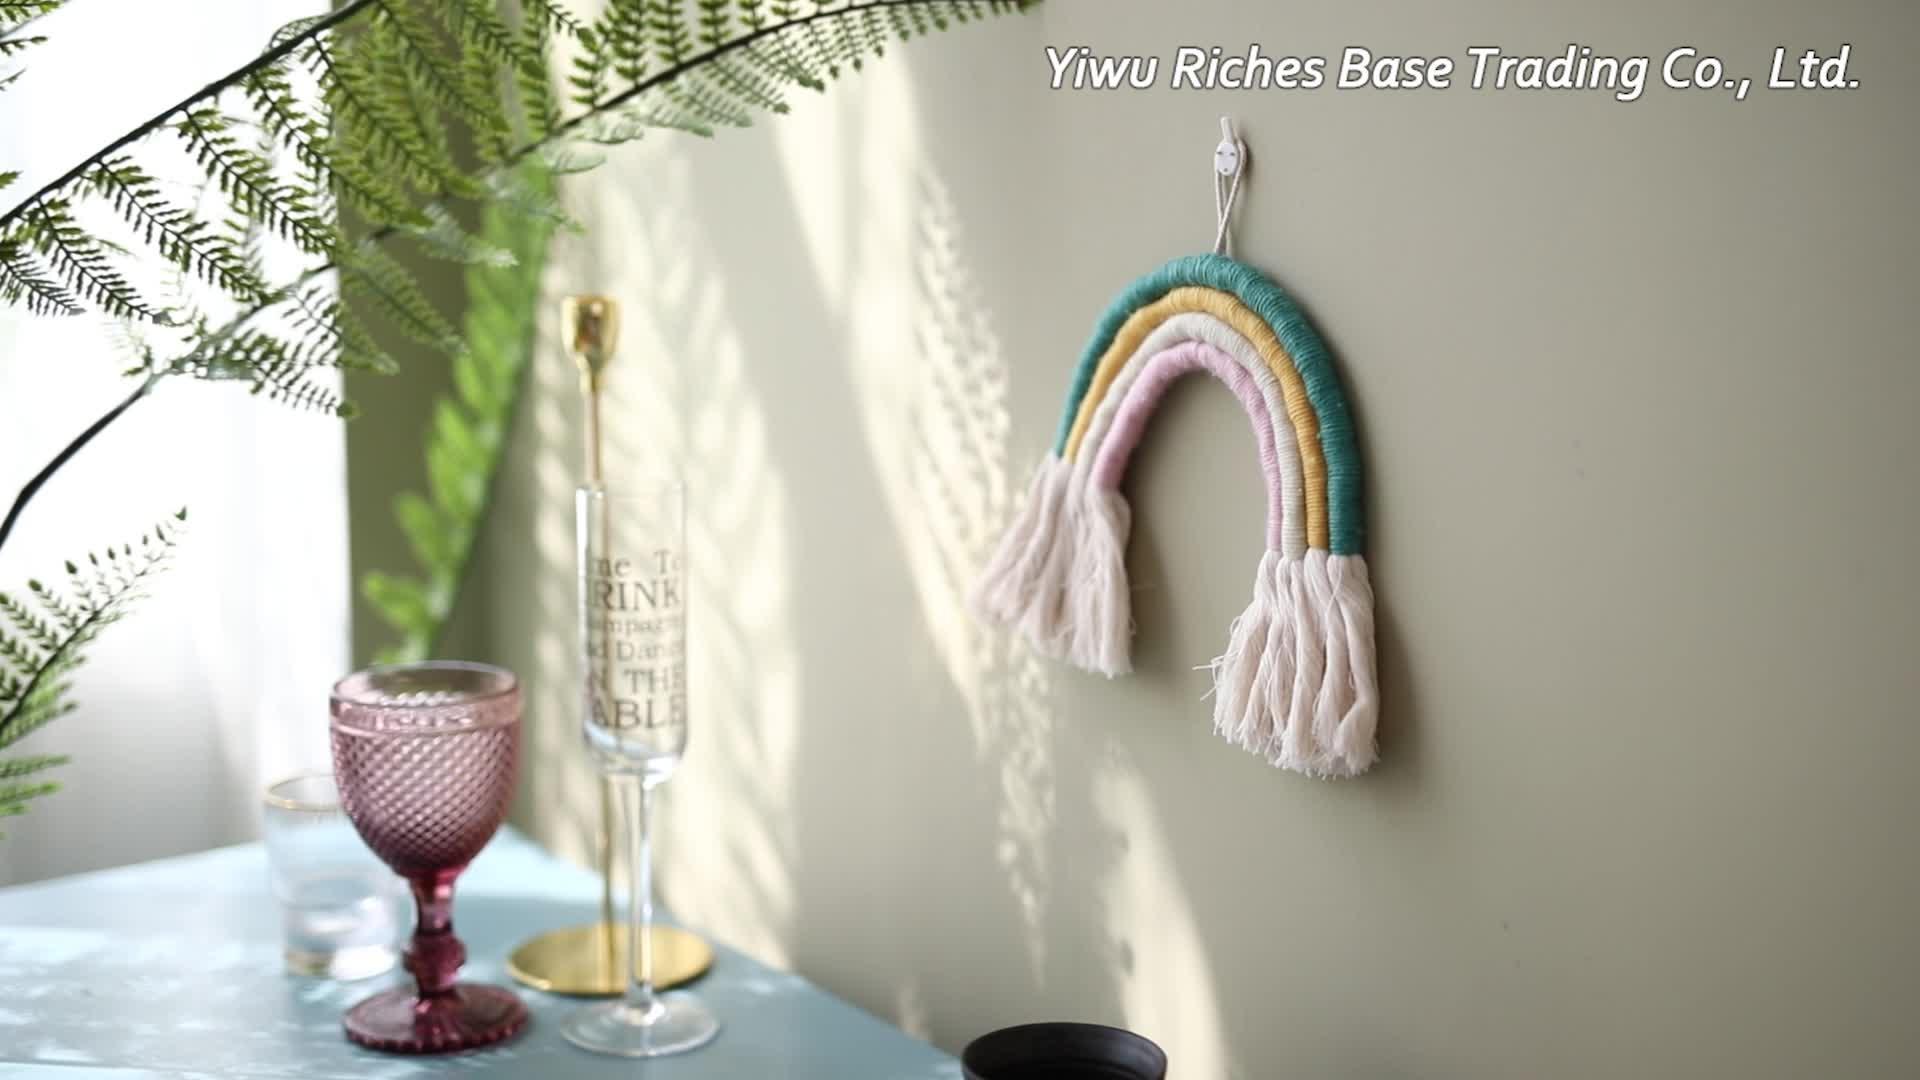 Nuevo lanzamiento macrame arte casa decoración de cuerda de algodón hecho a mano colorido colgante de pared